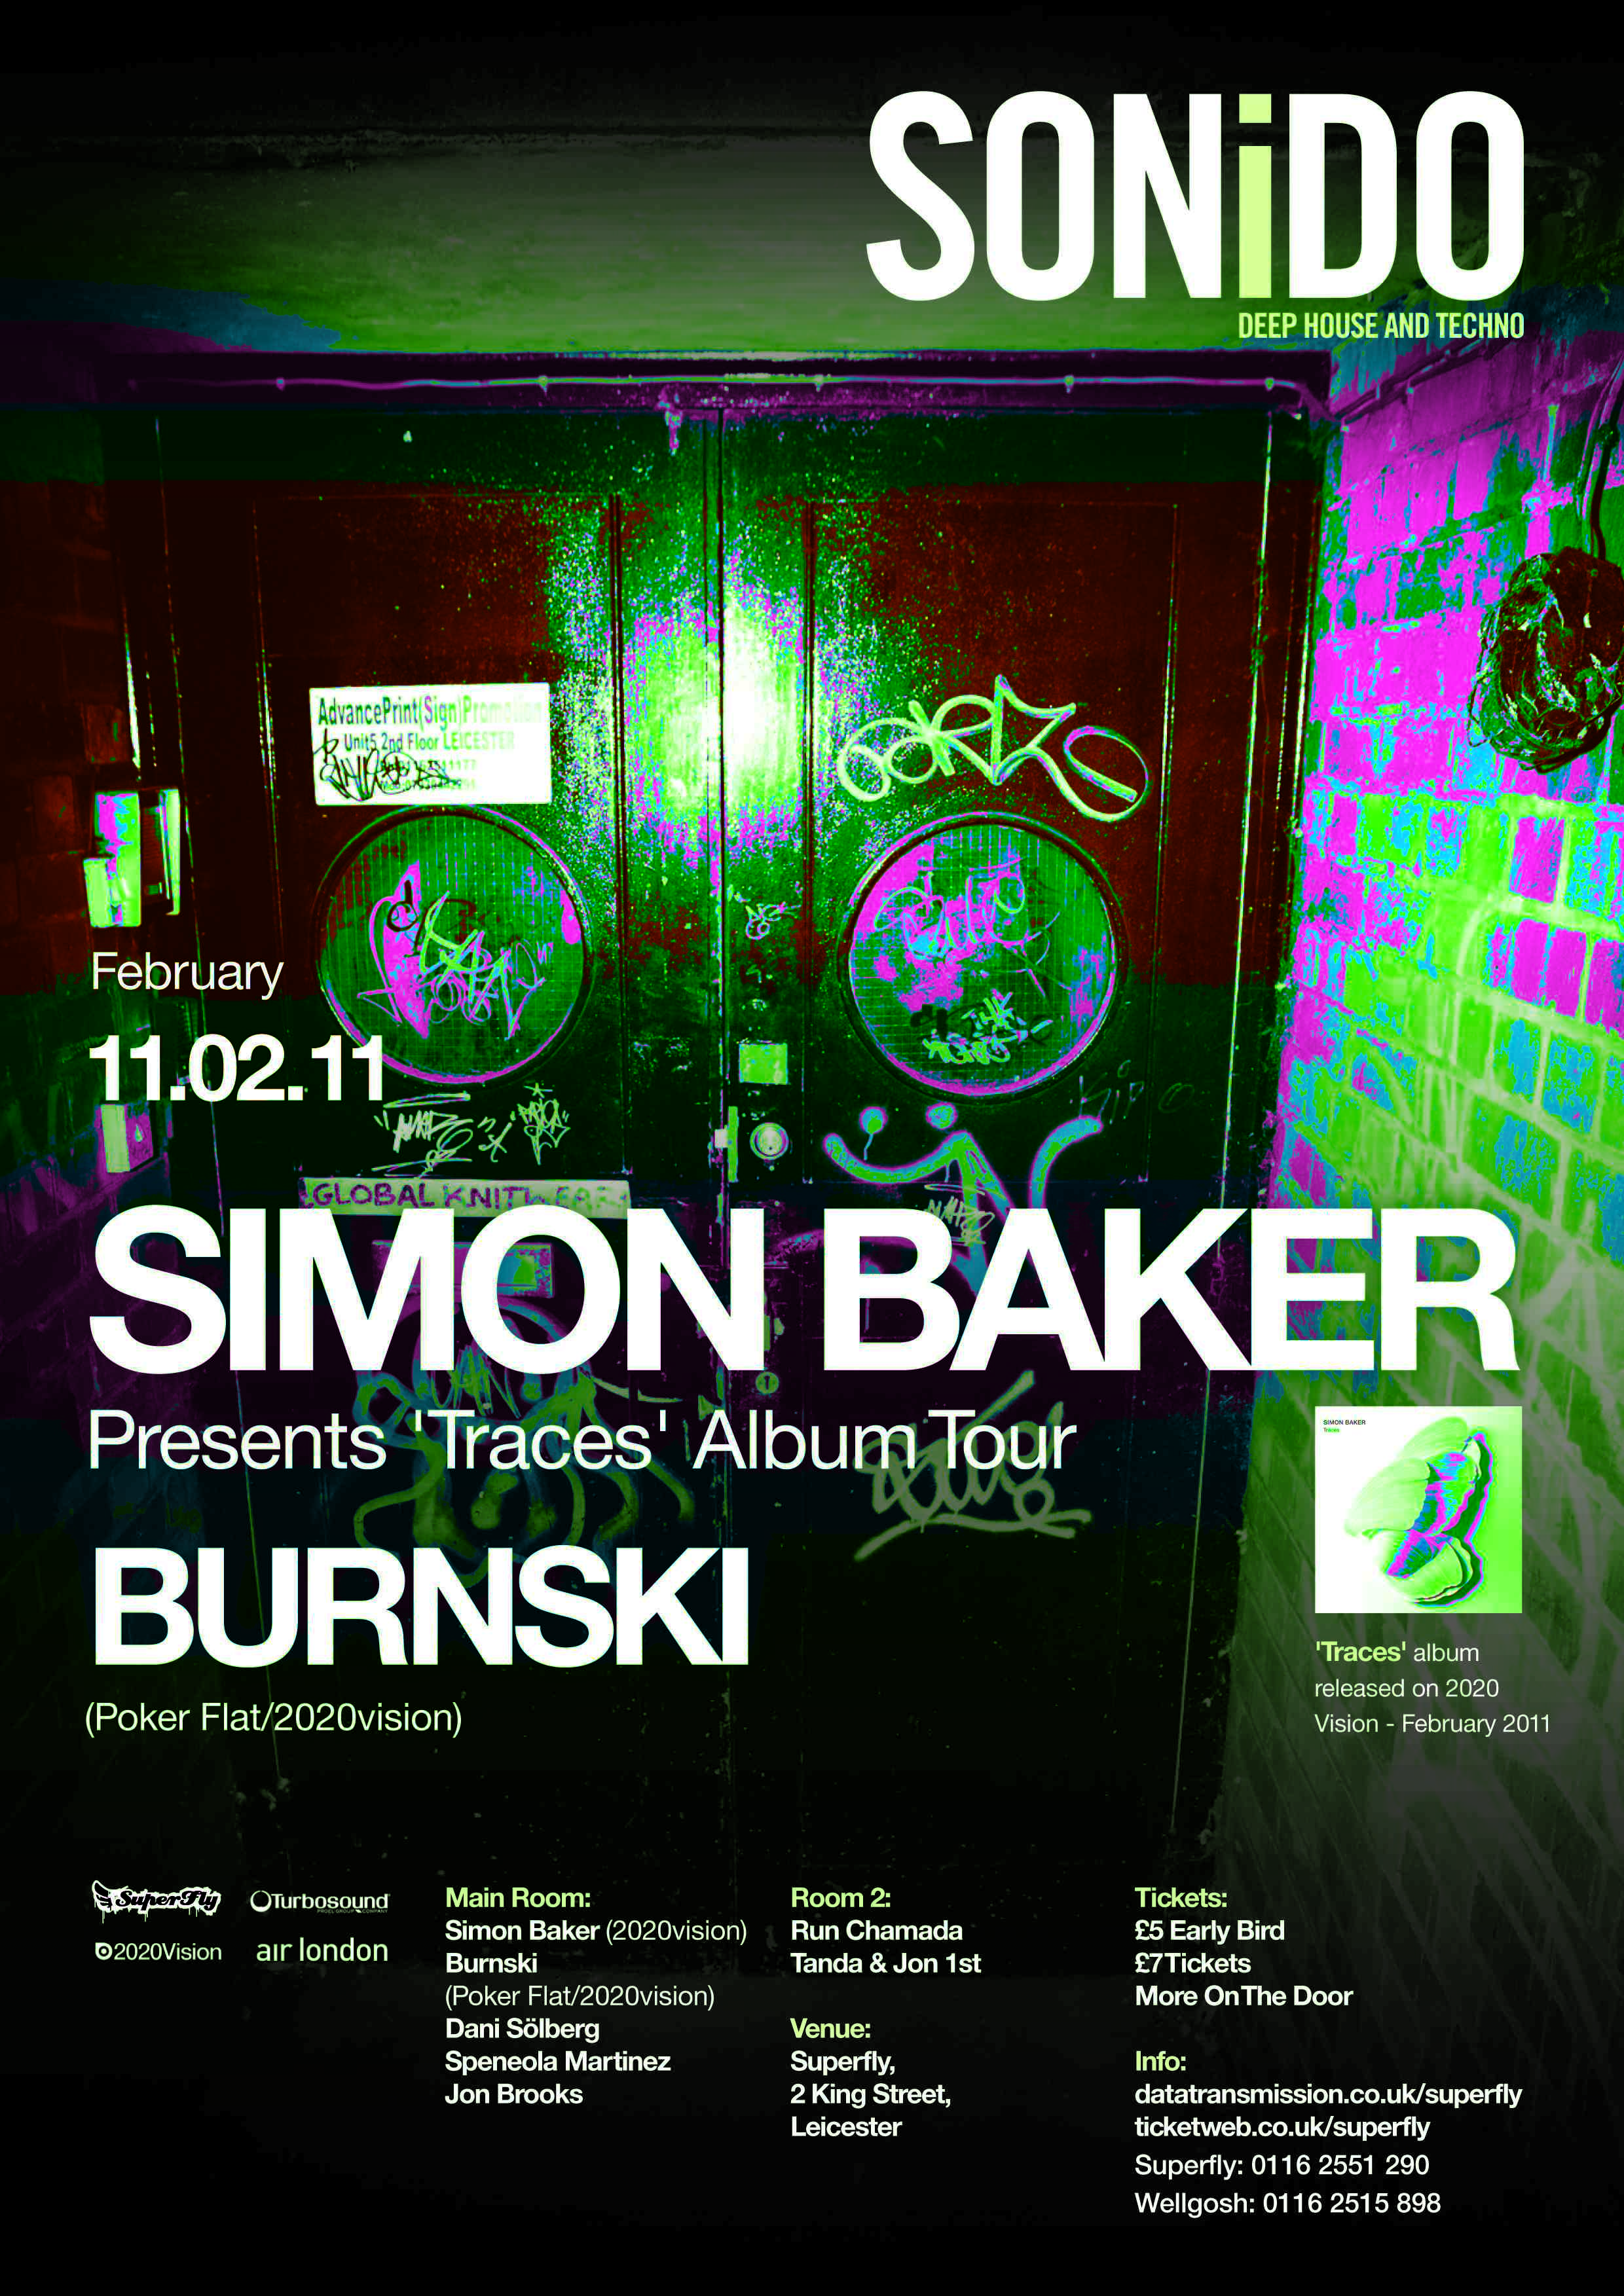 Simon Baker Scar Sonido party with simon baker